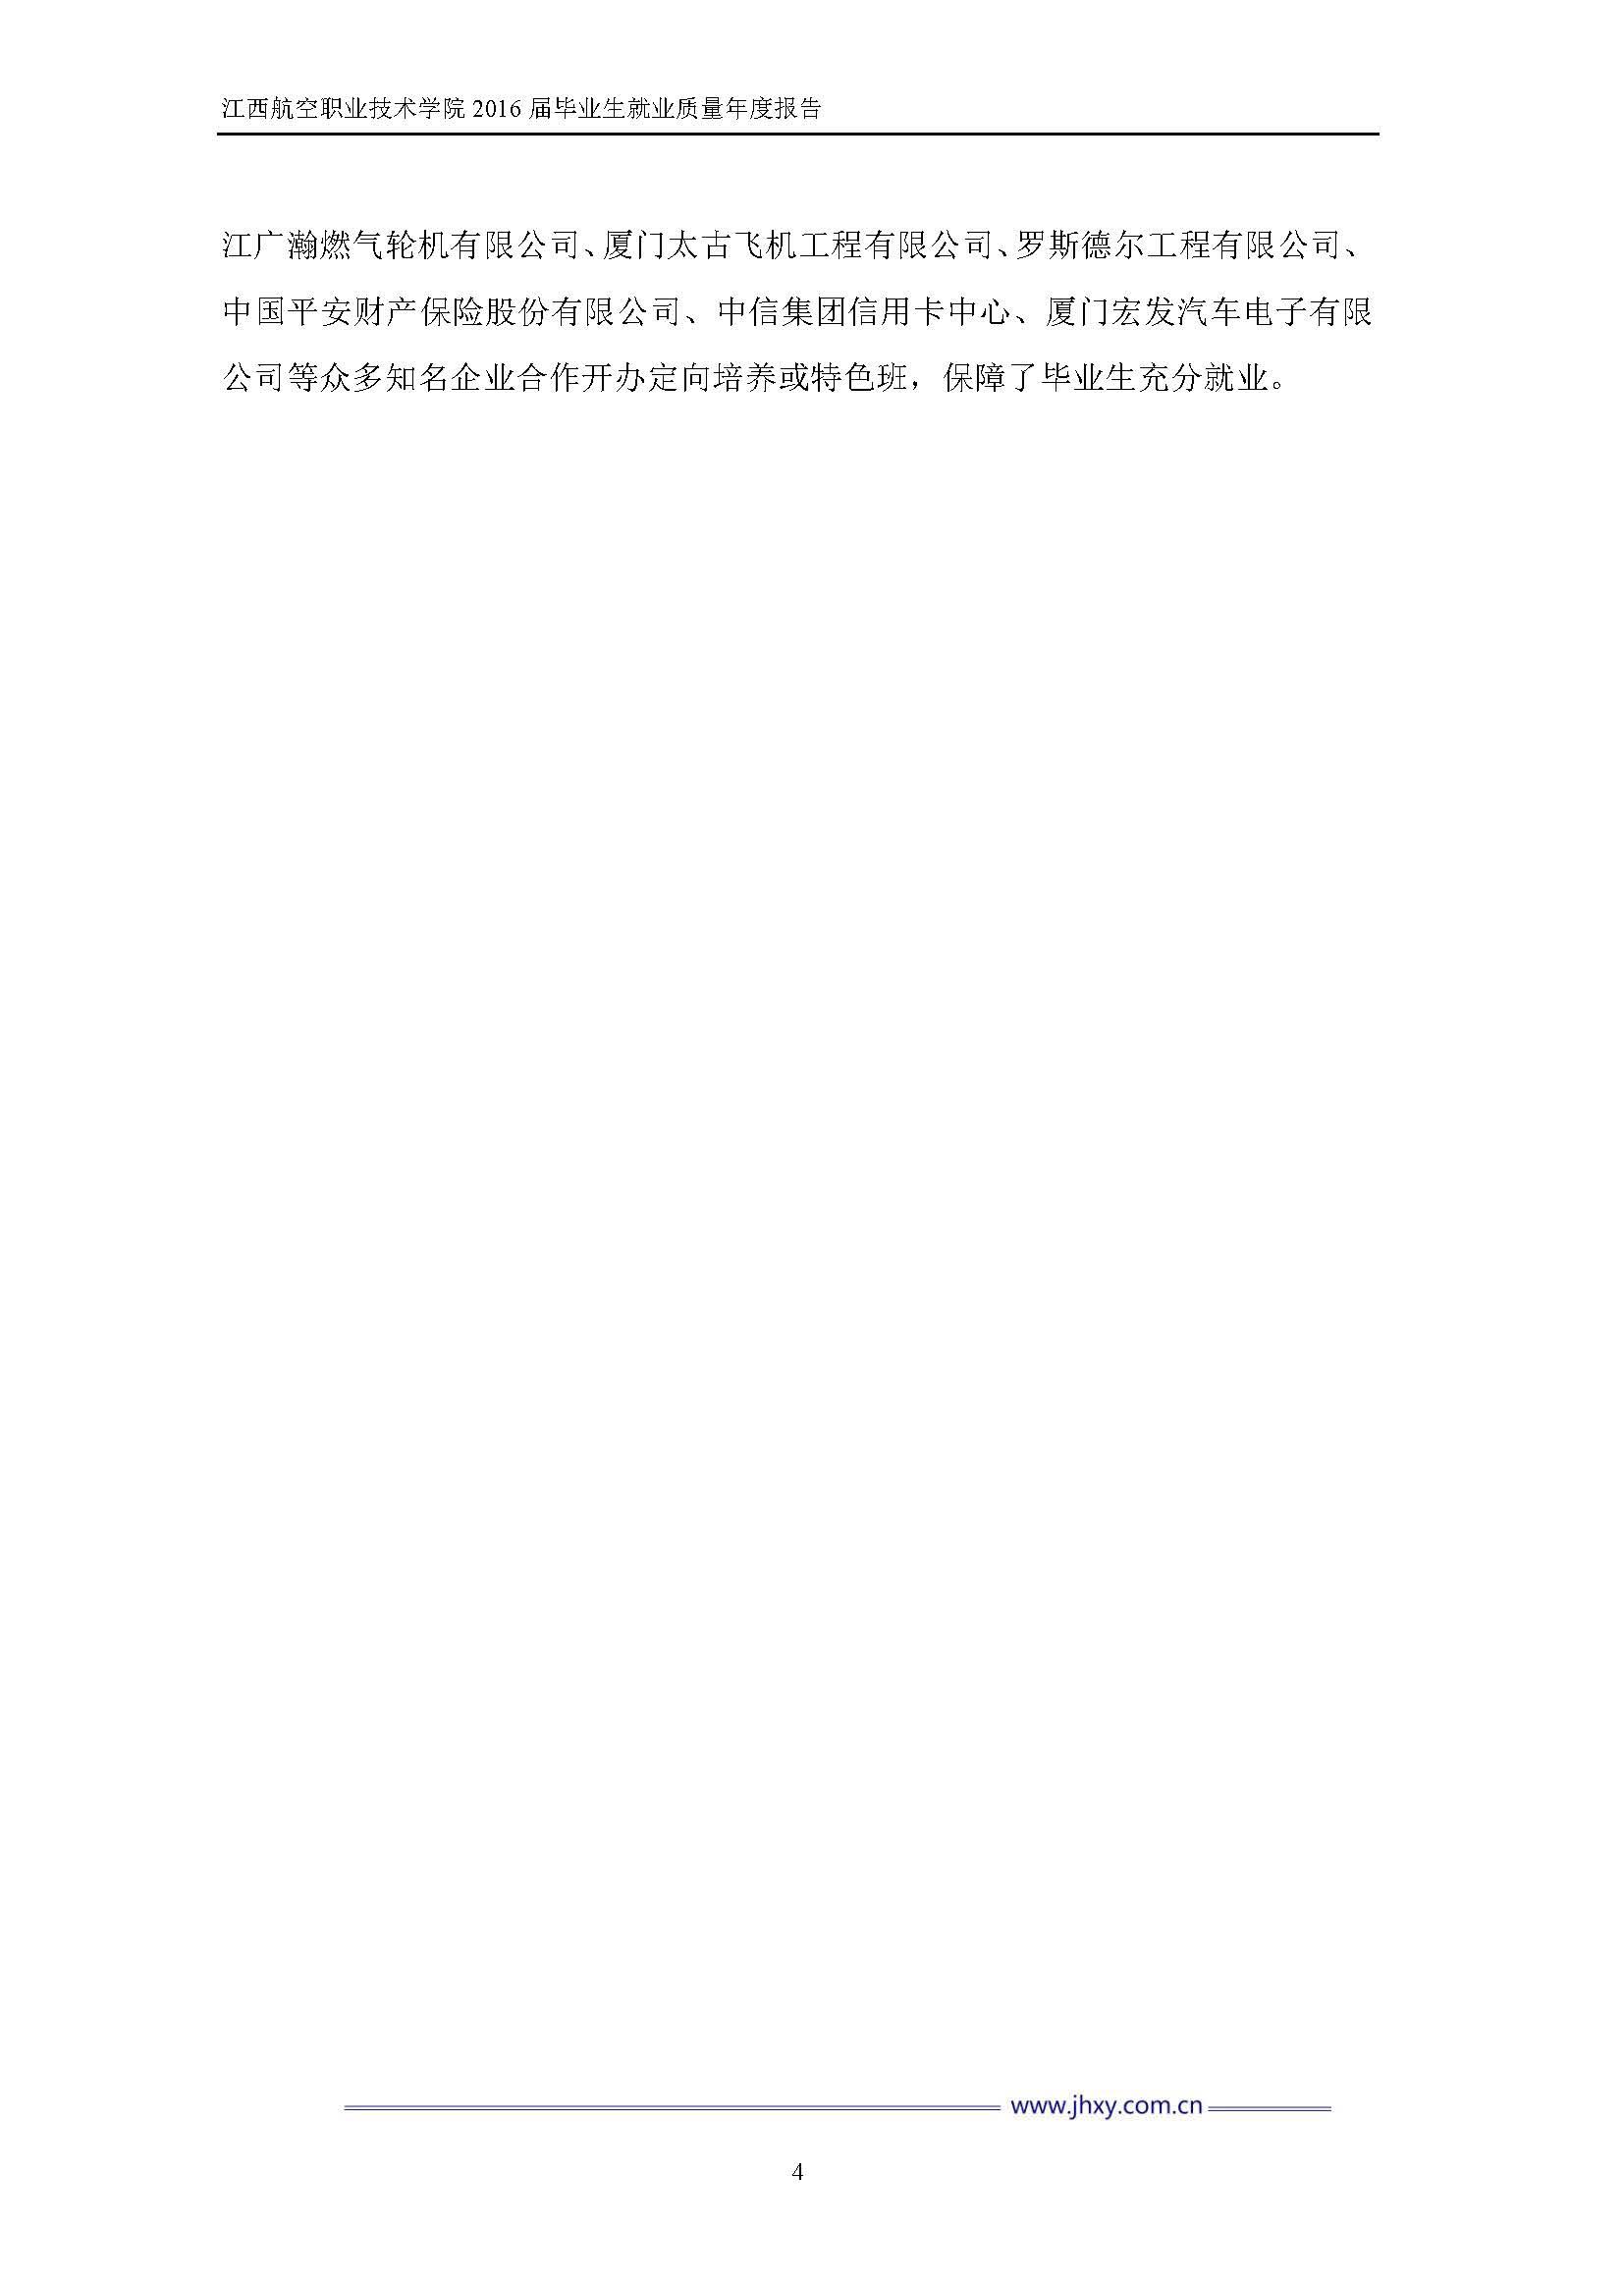 江西航空职业技术学院2016届毕业生就业质量年度报告_Page_11.jpg